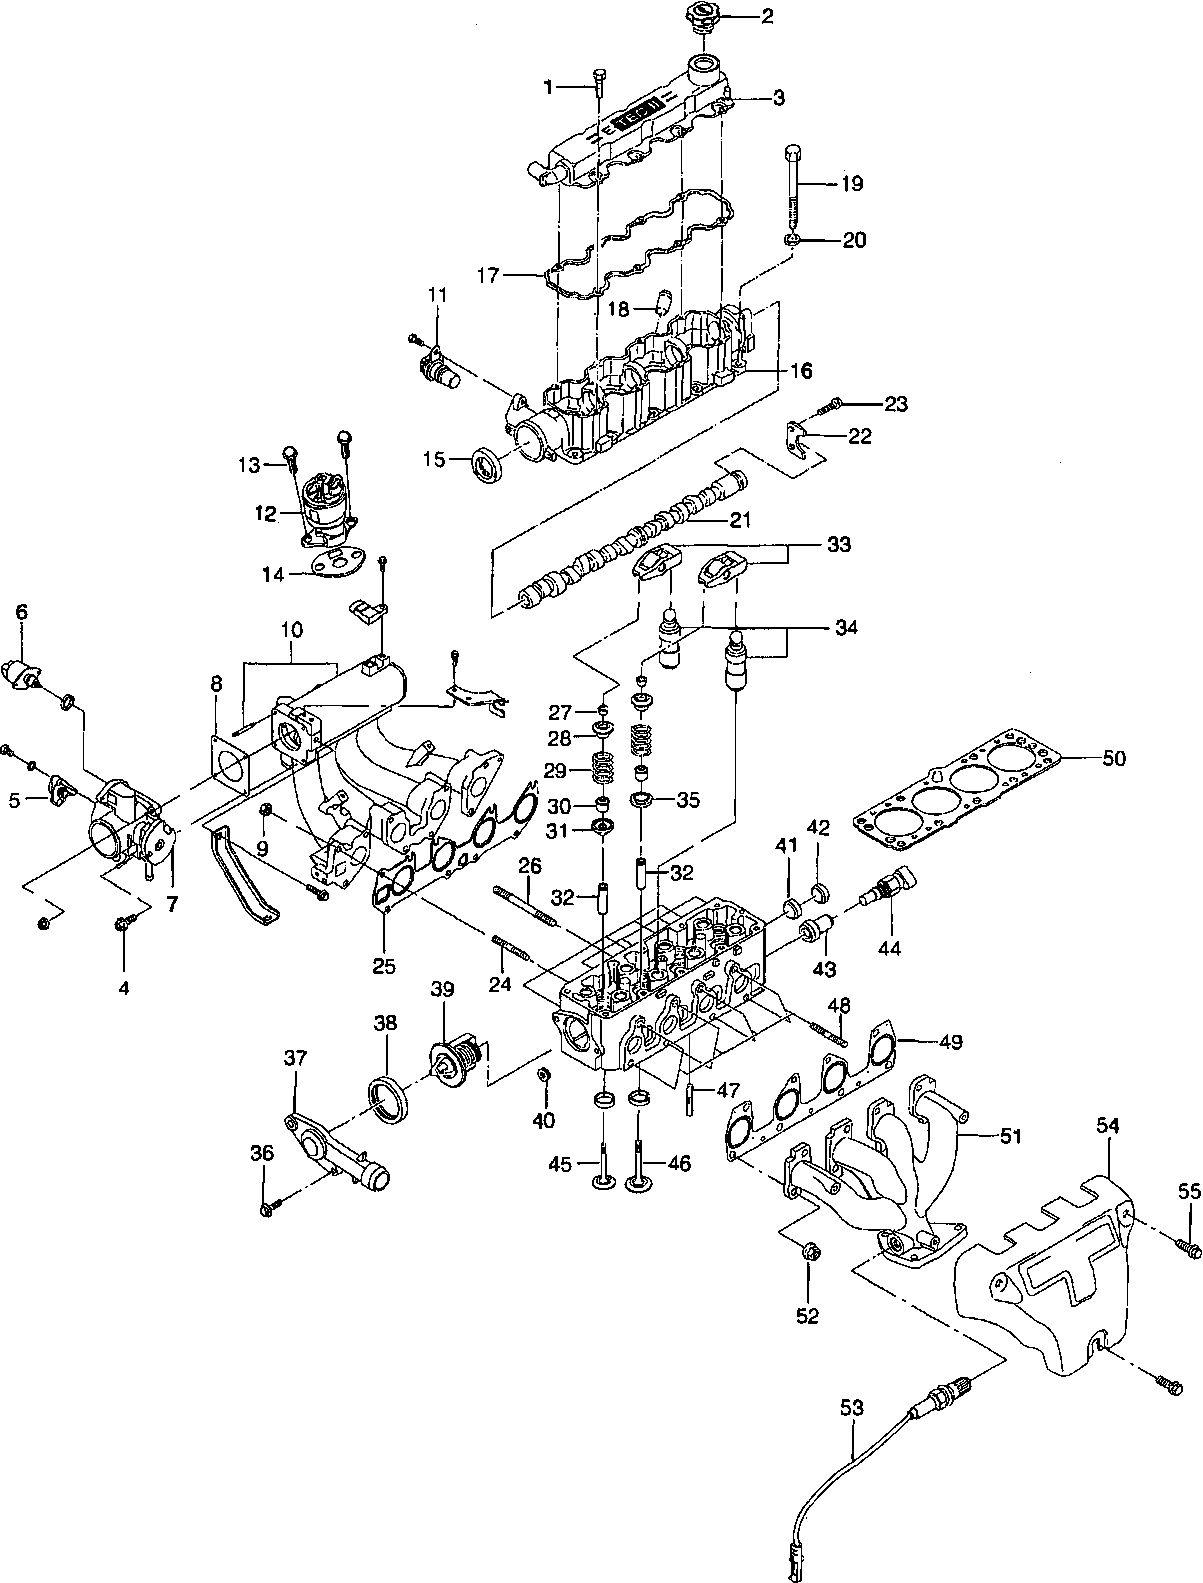 Двигатель шевроле авео 1.2 схема 801